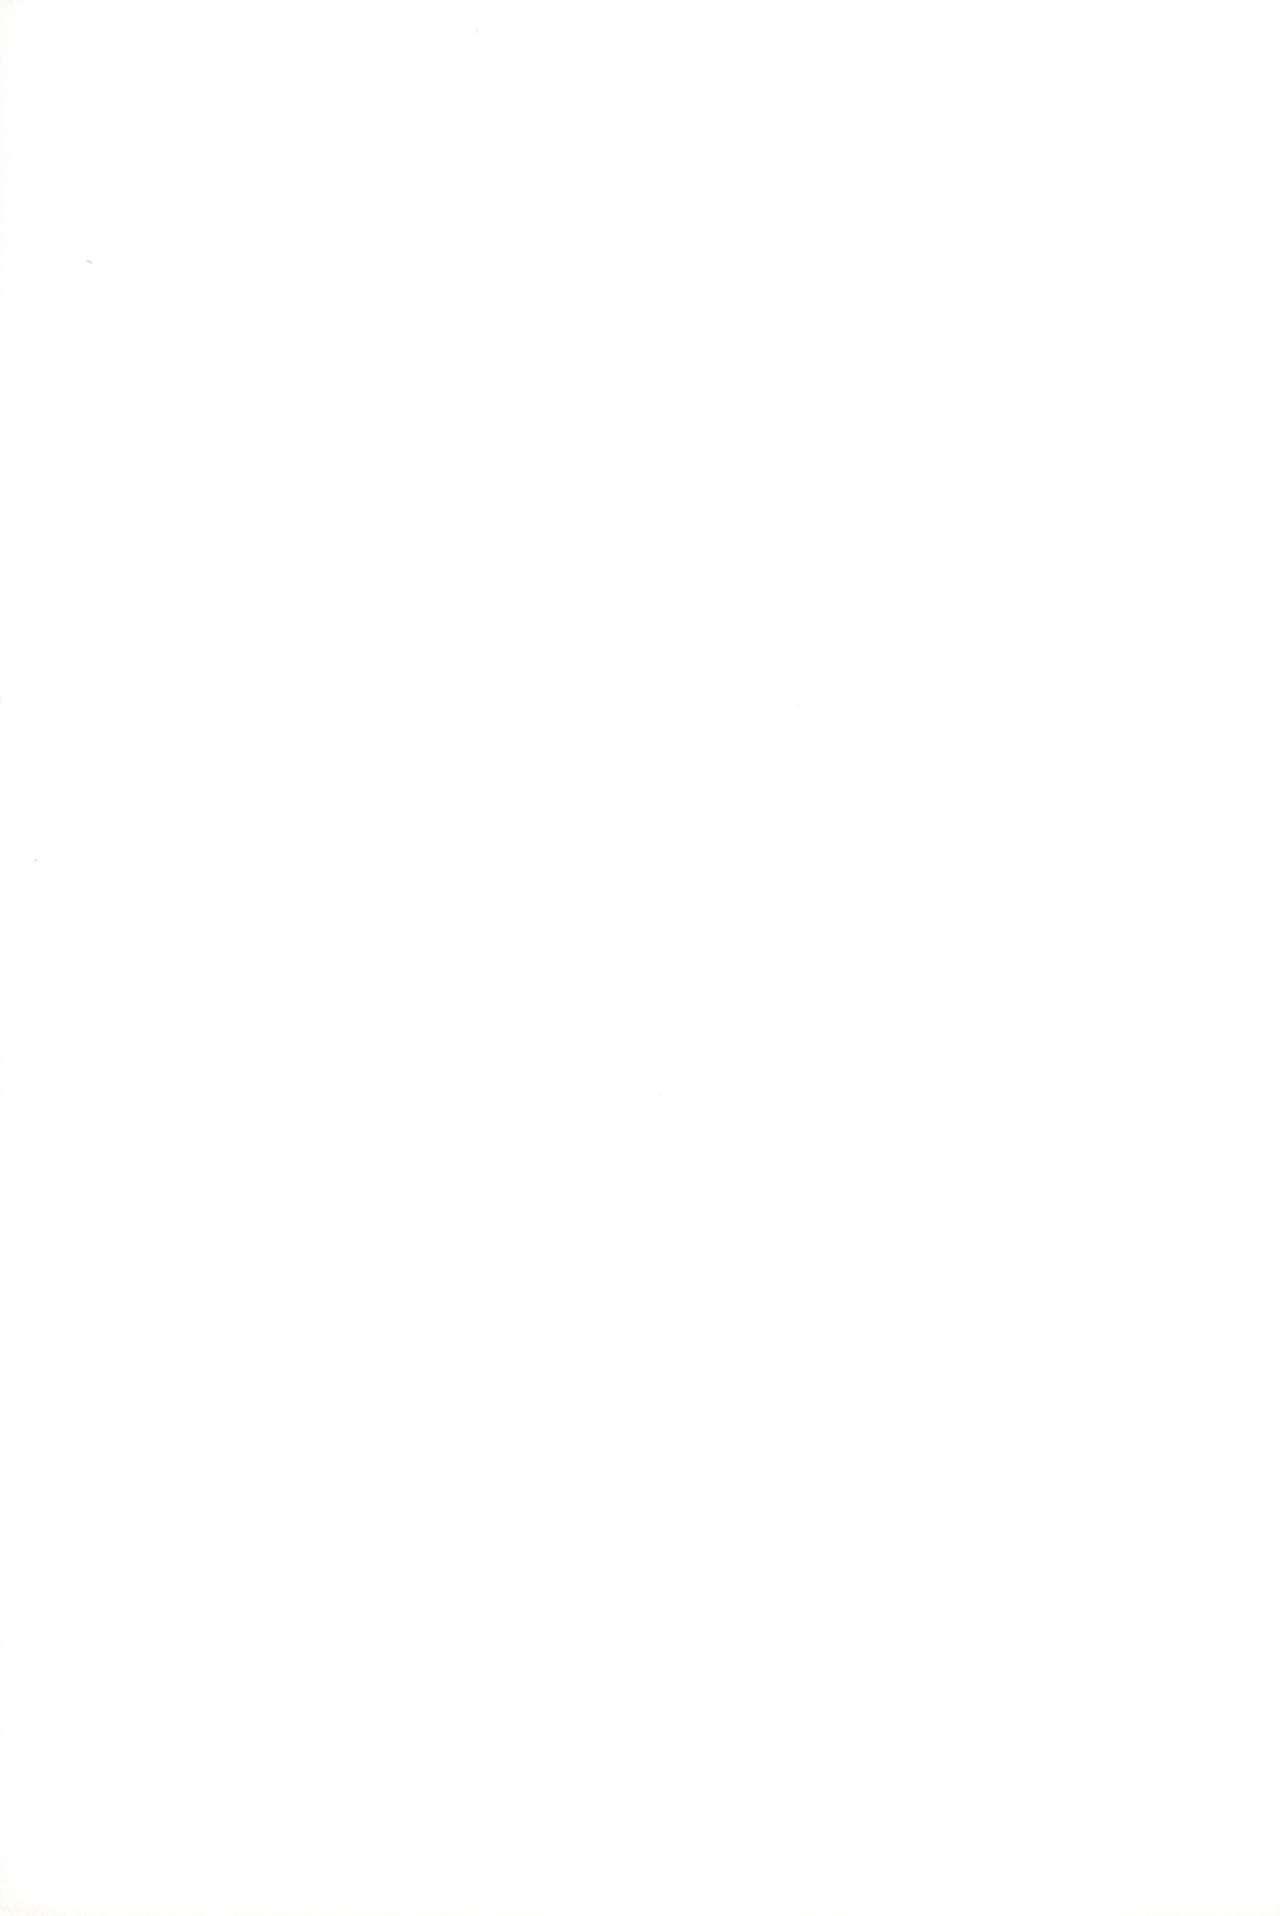 Hinnyuu Musume 4 66